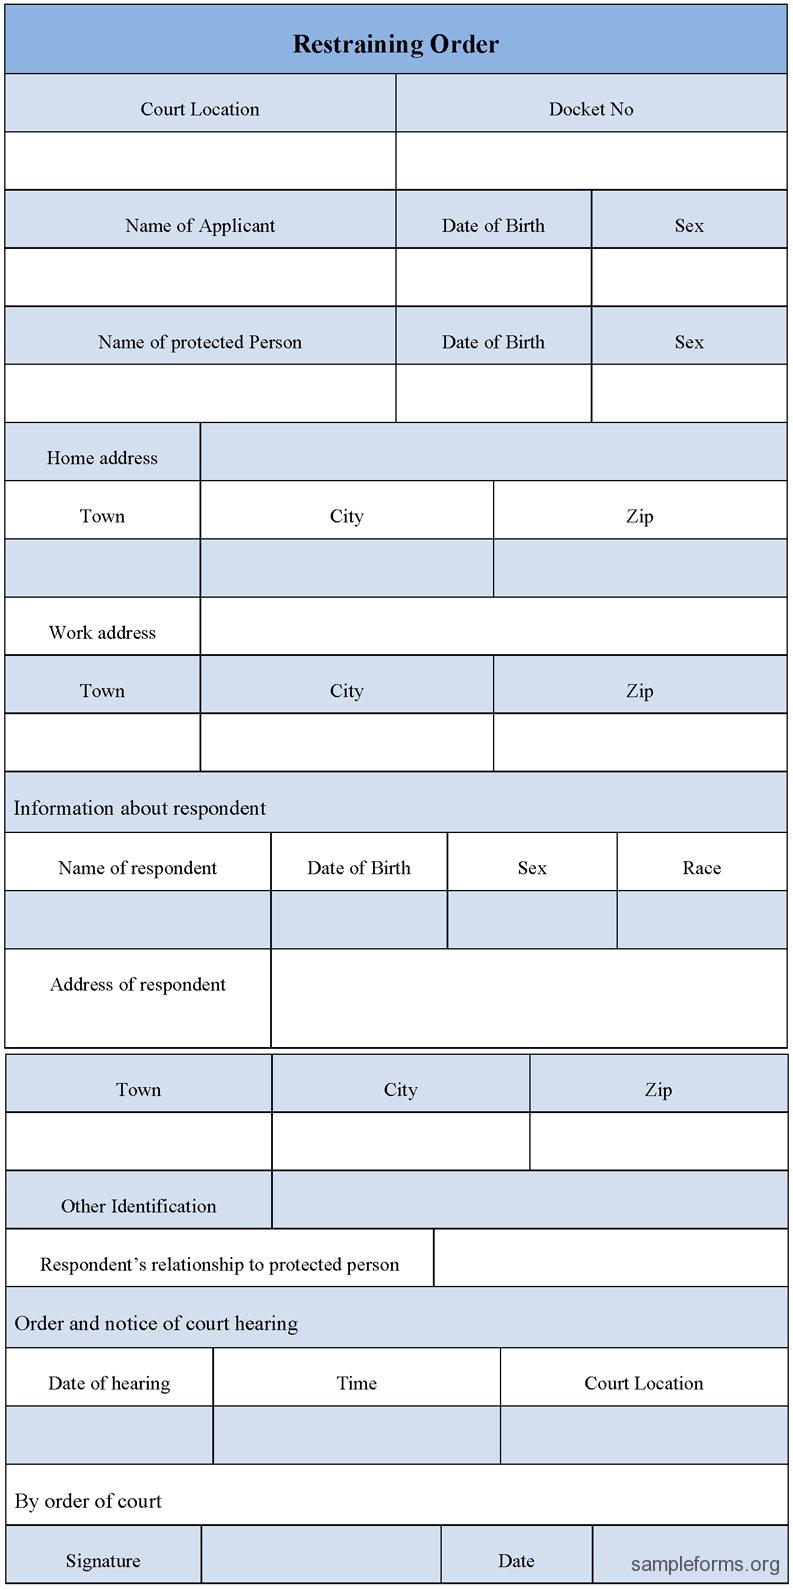 Print Restraining Order Forms | Restraining Order Form, sample ...